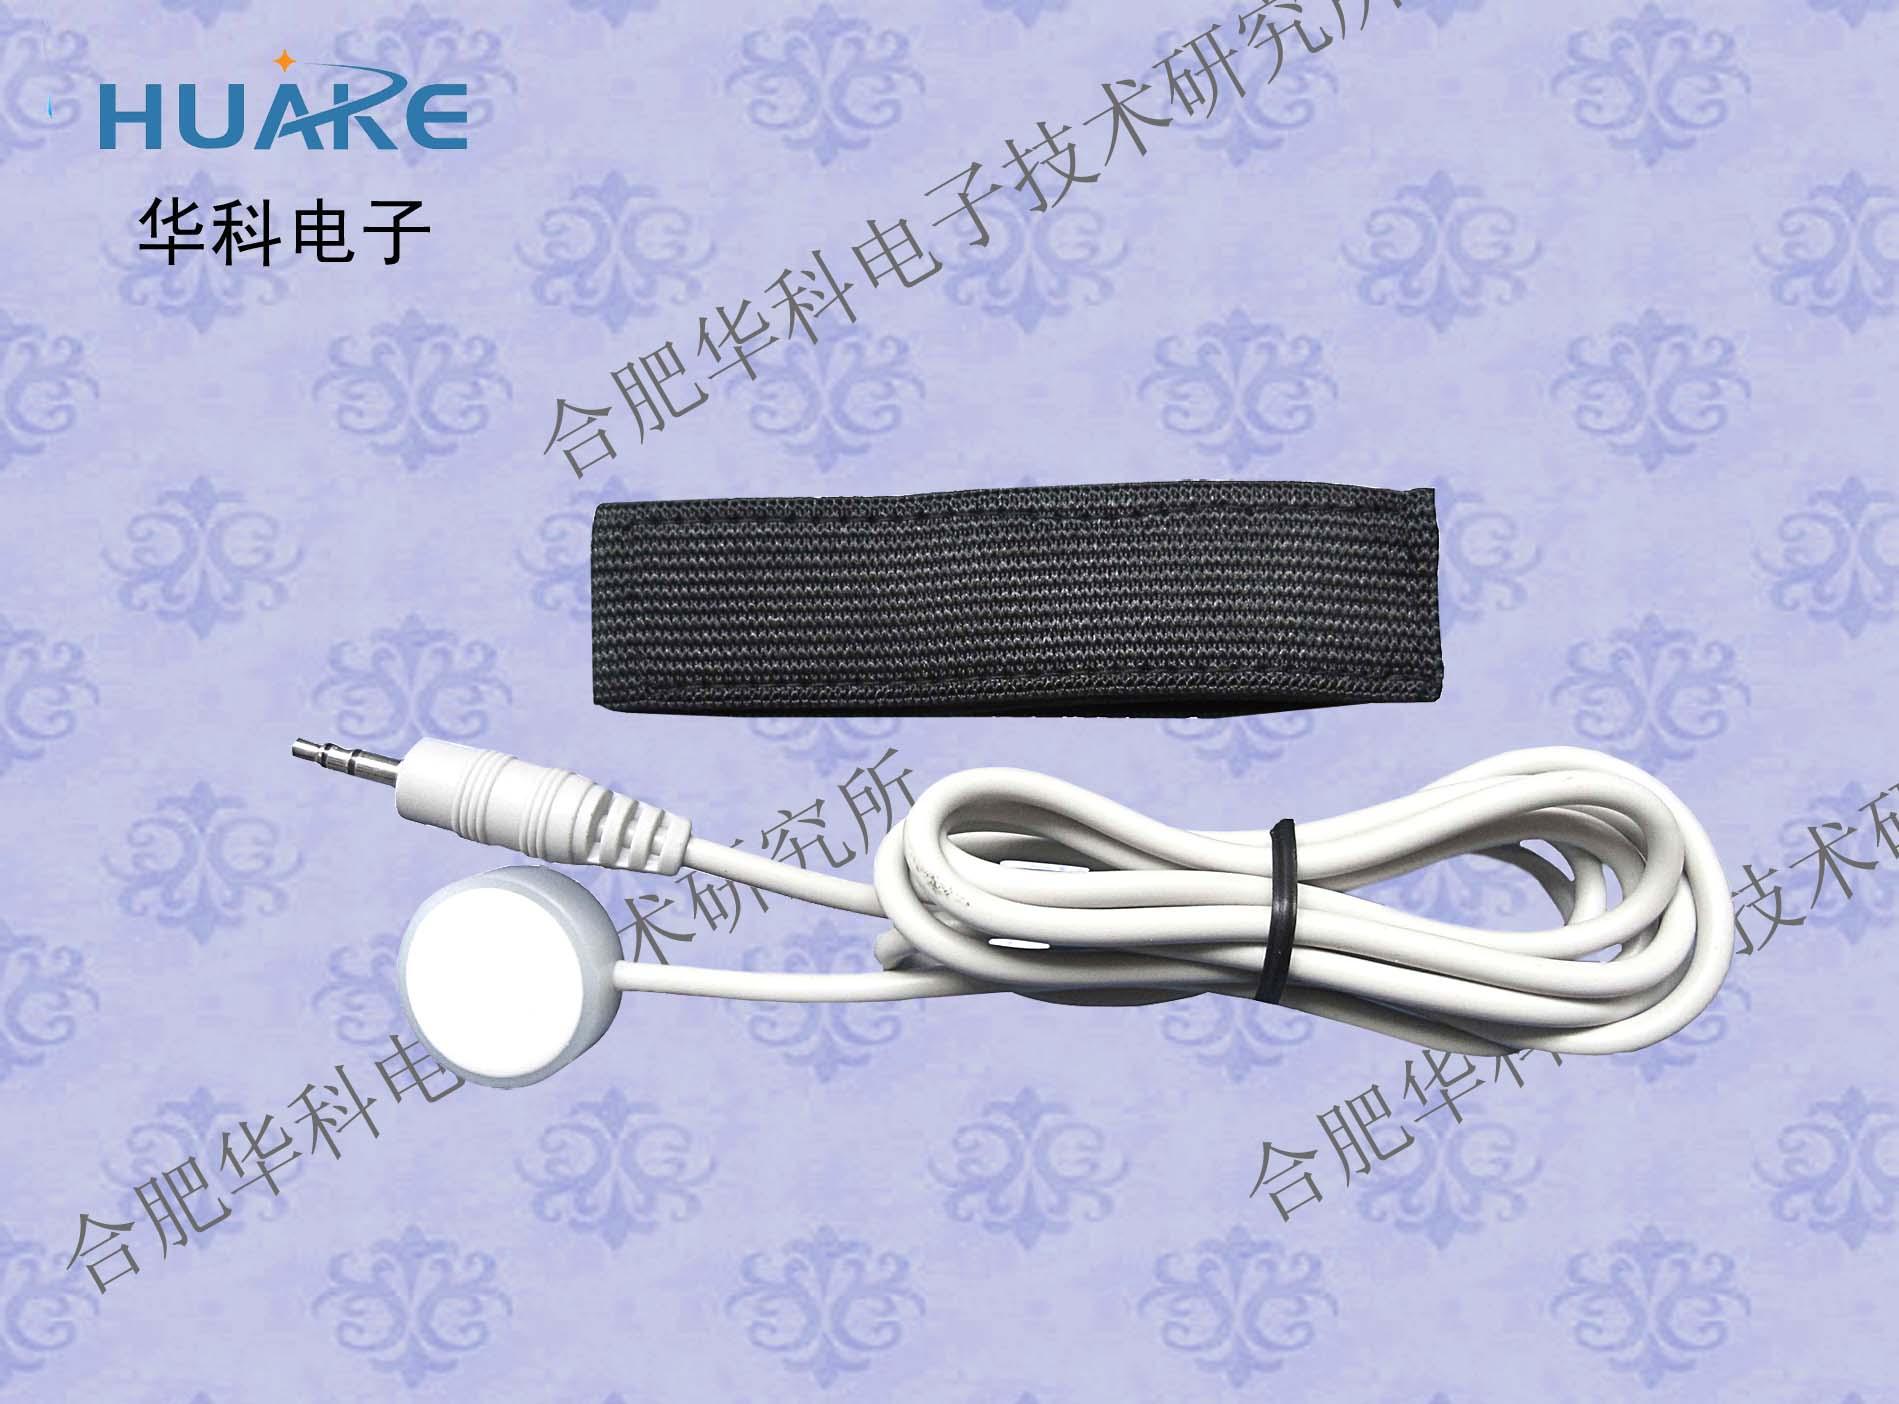 HK-2000B Pulse Sensor/Piezoelectric Pulse Wave SensorHK-2000B Pulse Sensor/Piezoelectric Pulse Wave Sensor